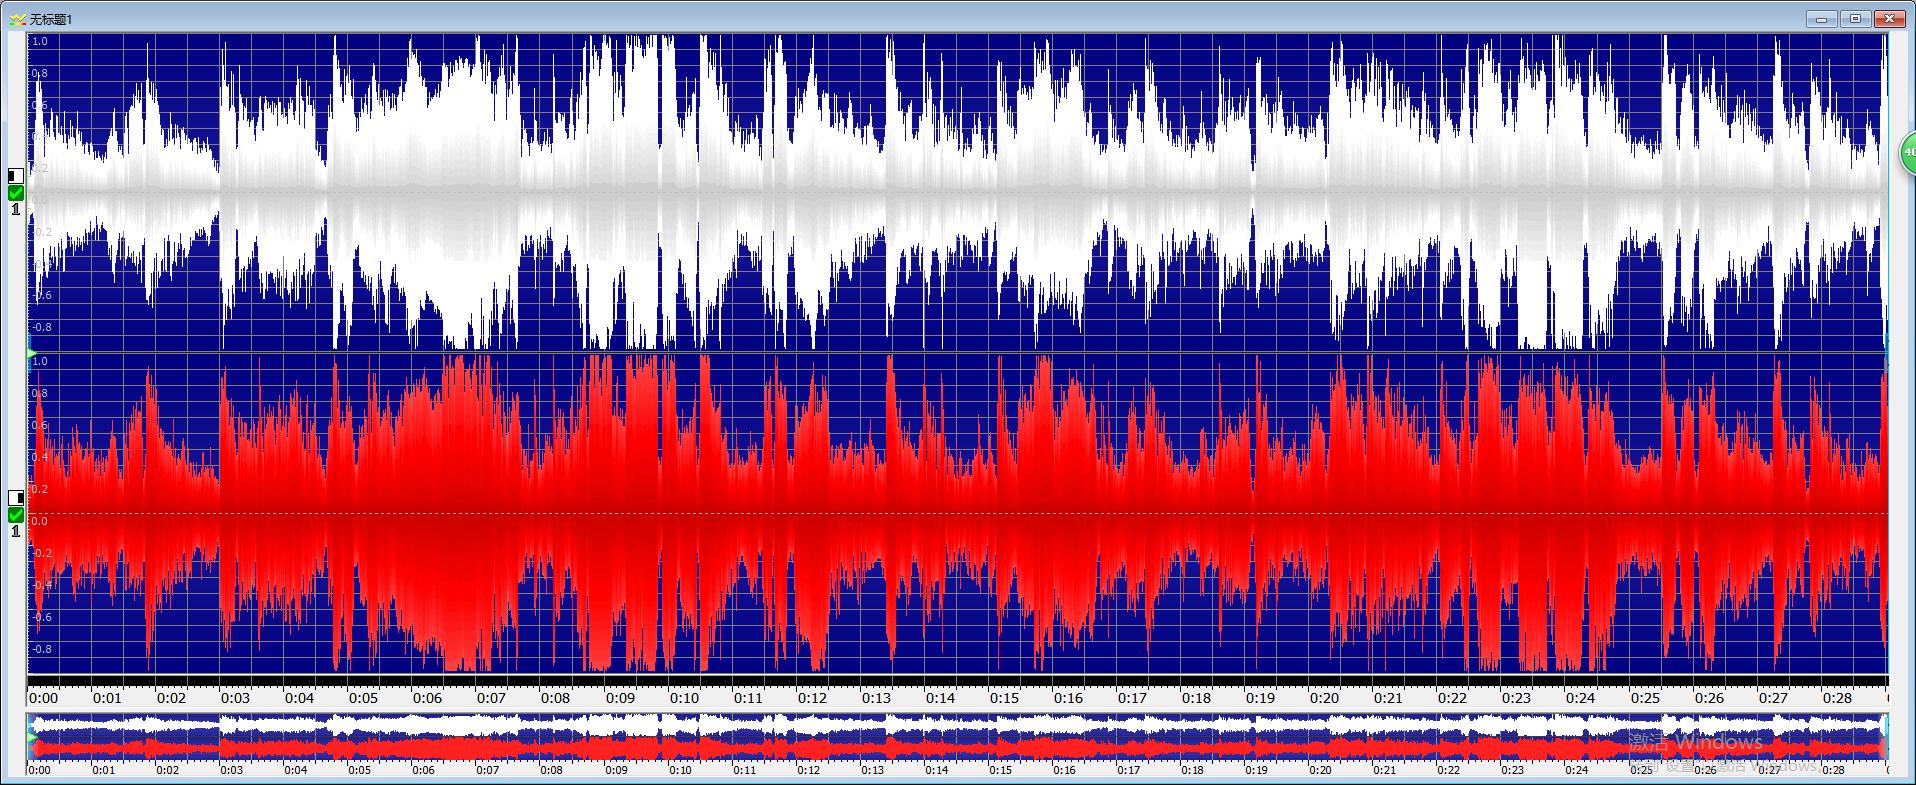 图二:一整段录制音频内容波形界面